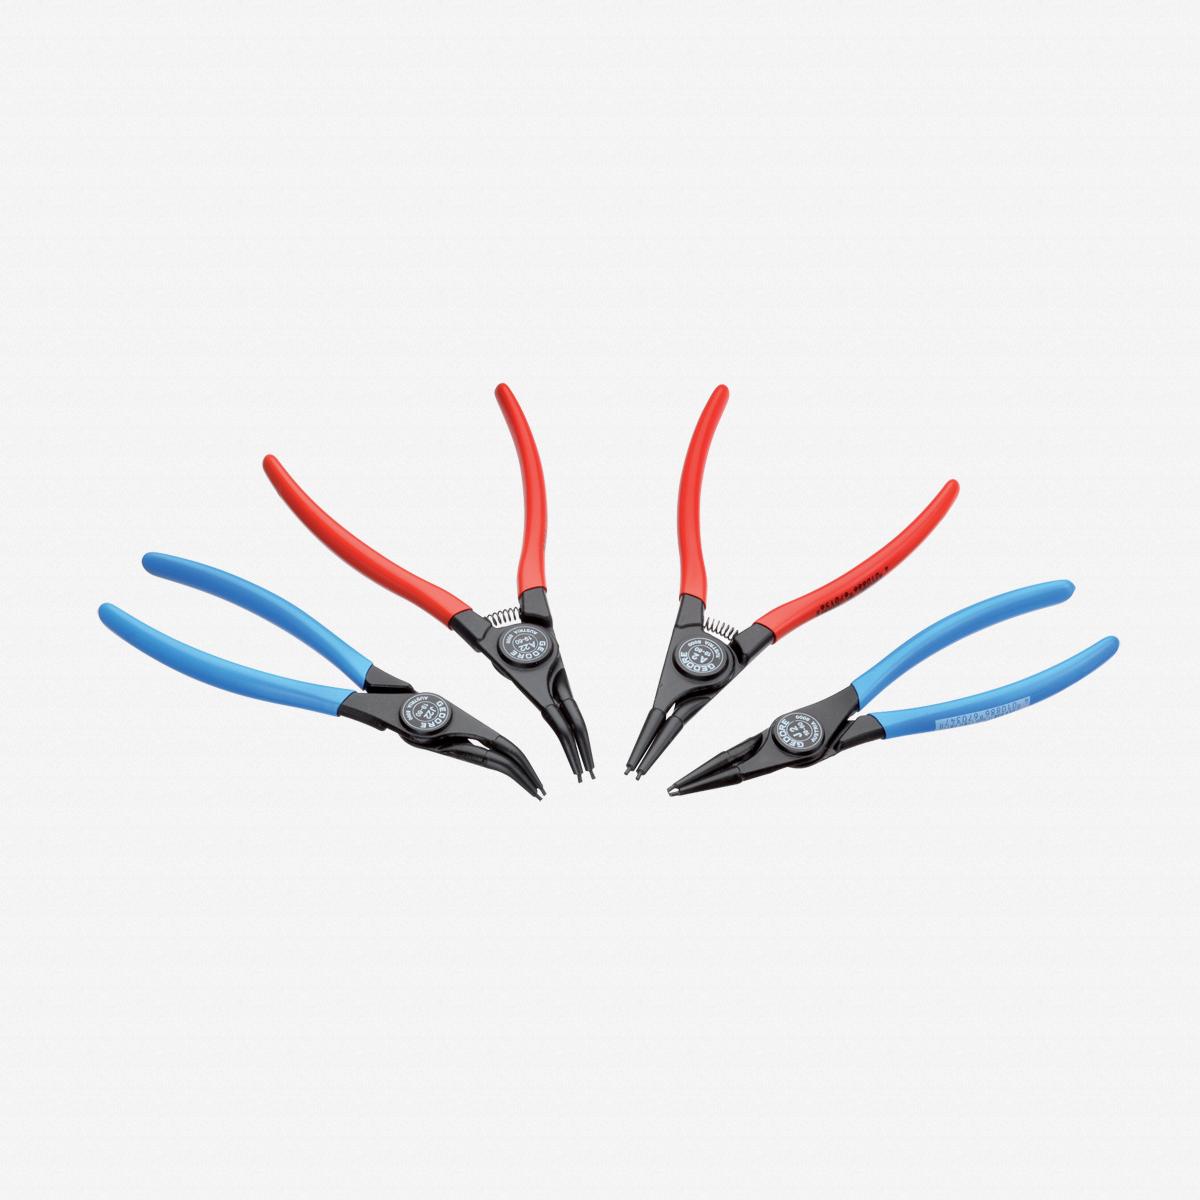 Gedore S 8024 Set of circlip pliers, 4 pcs - KC Tool